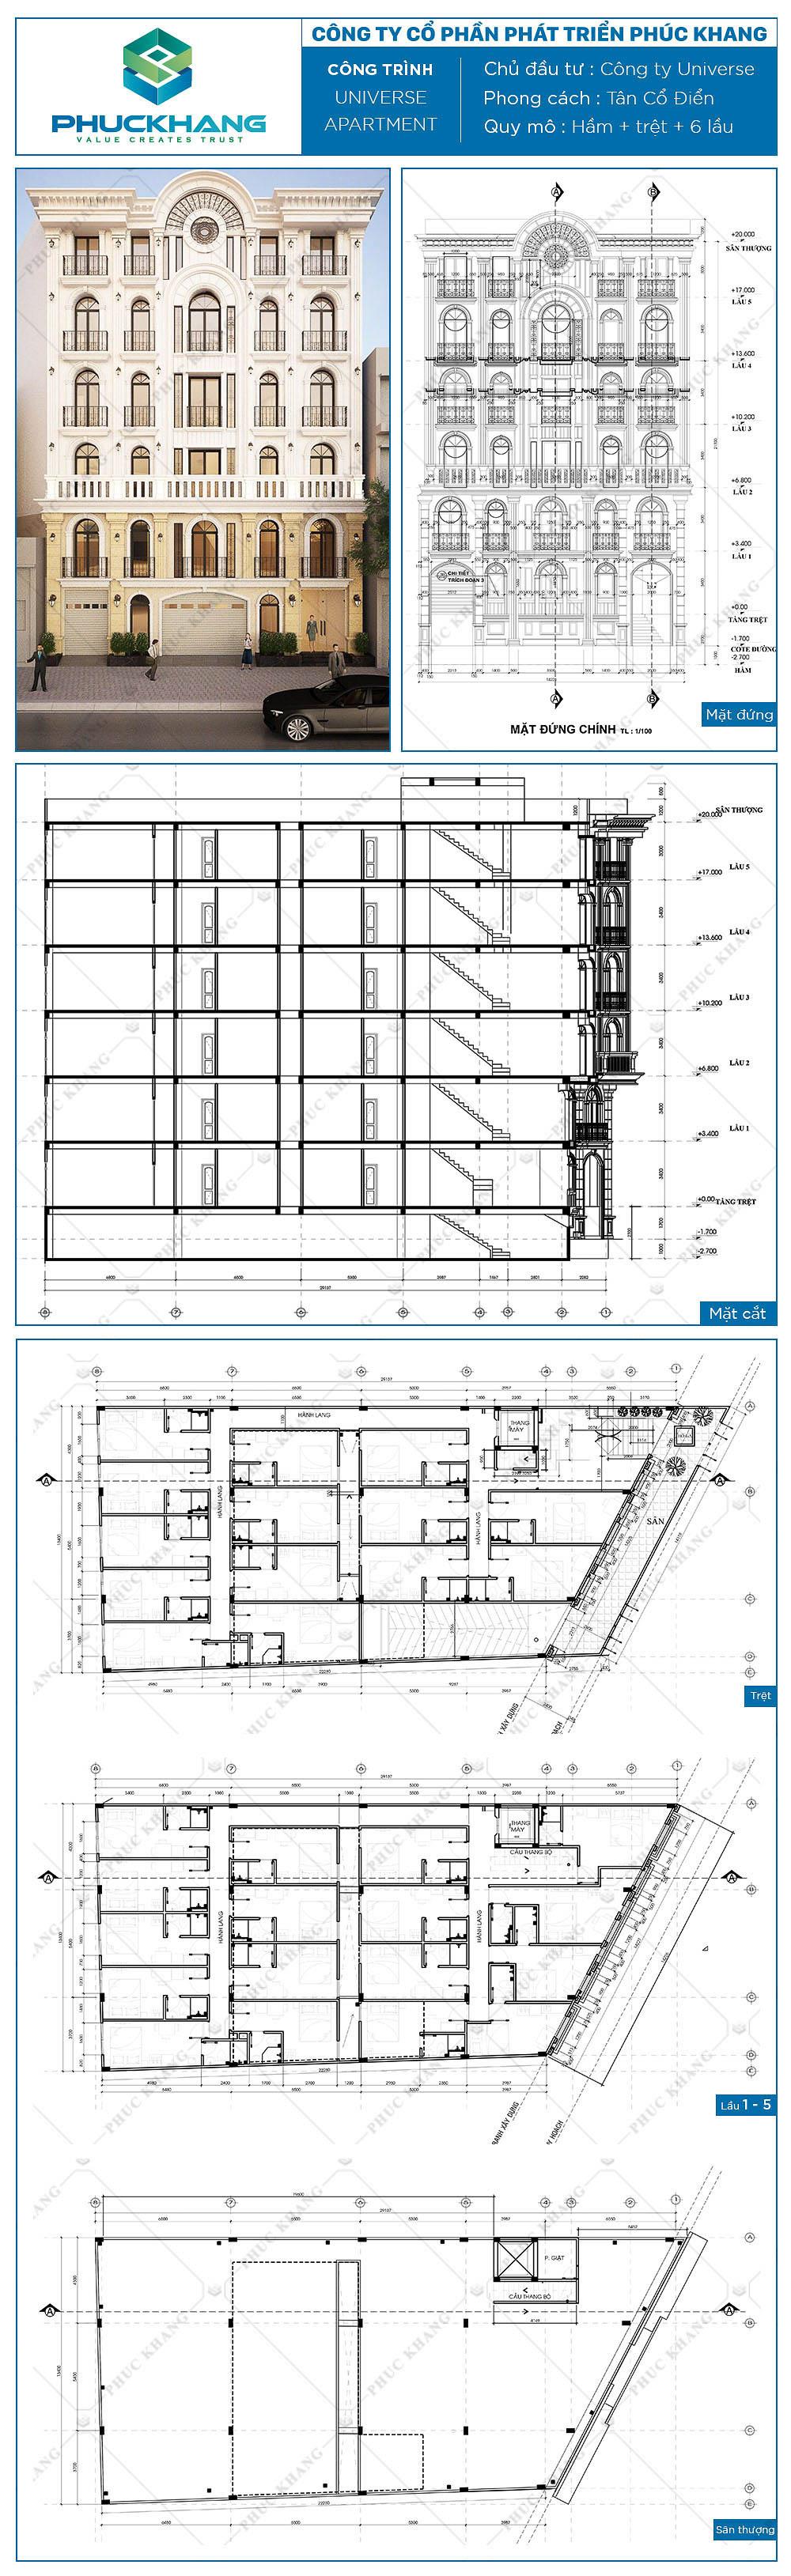 tòa nhà universe apartment (14x30)m 8 tầng